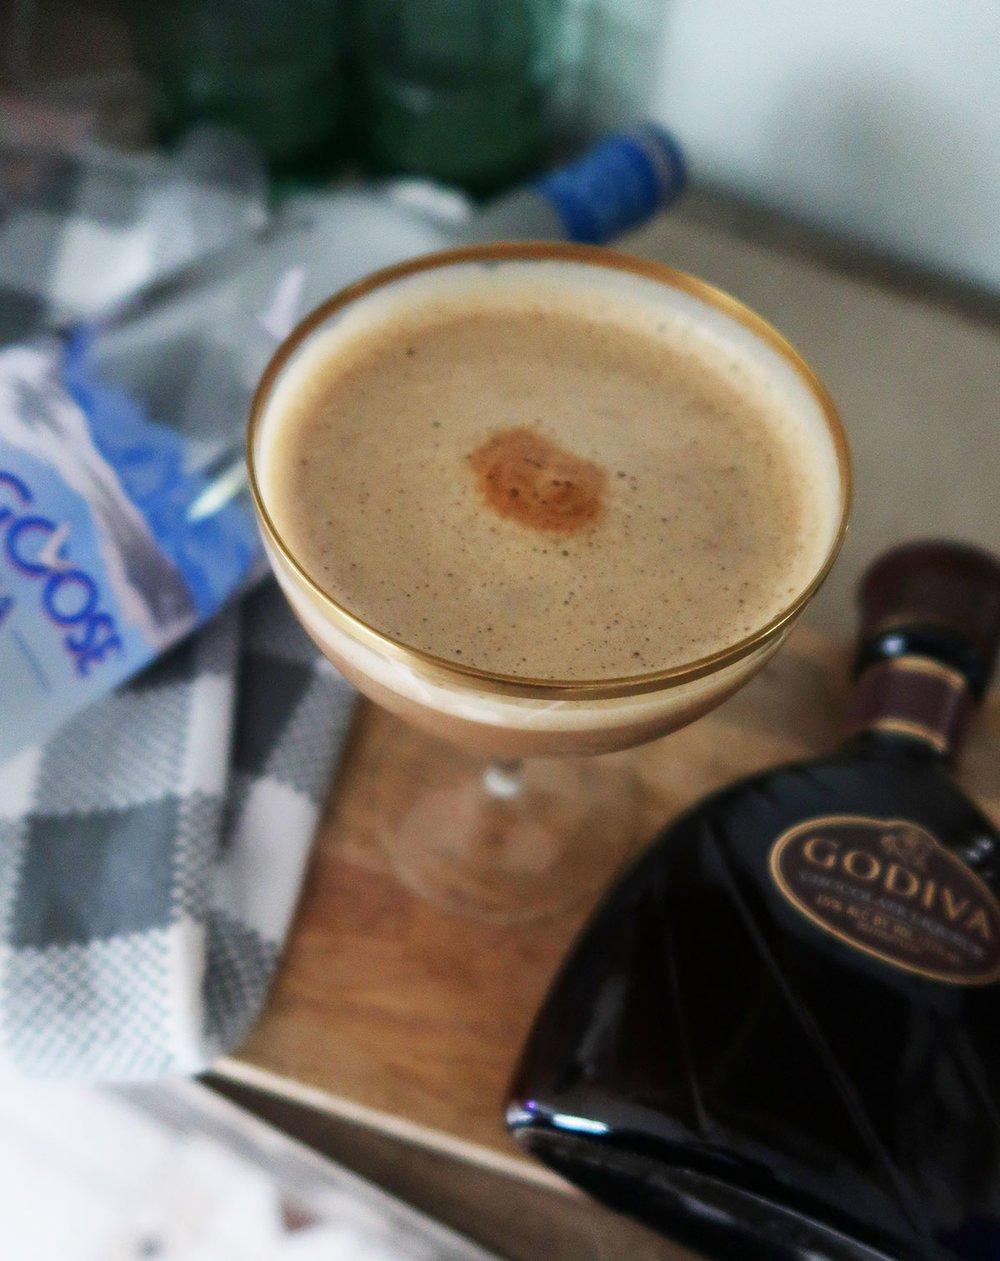 closeup of mocha espresso martini